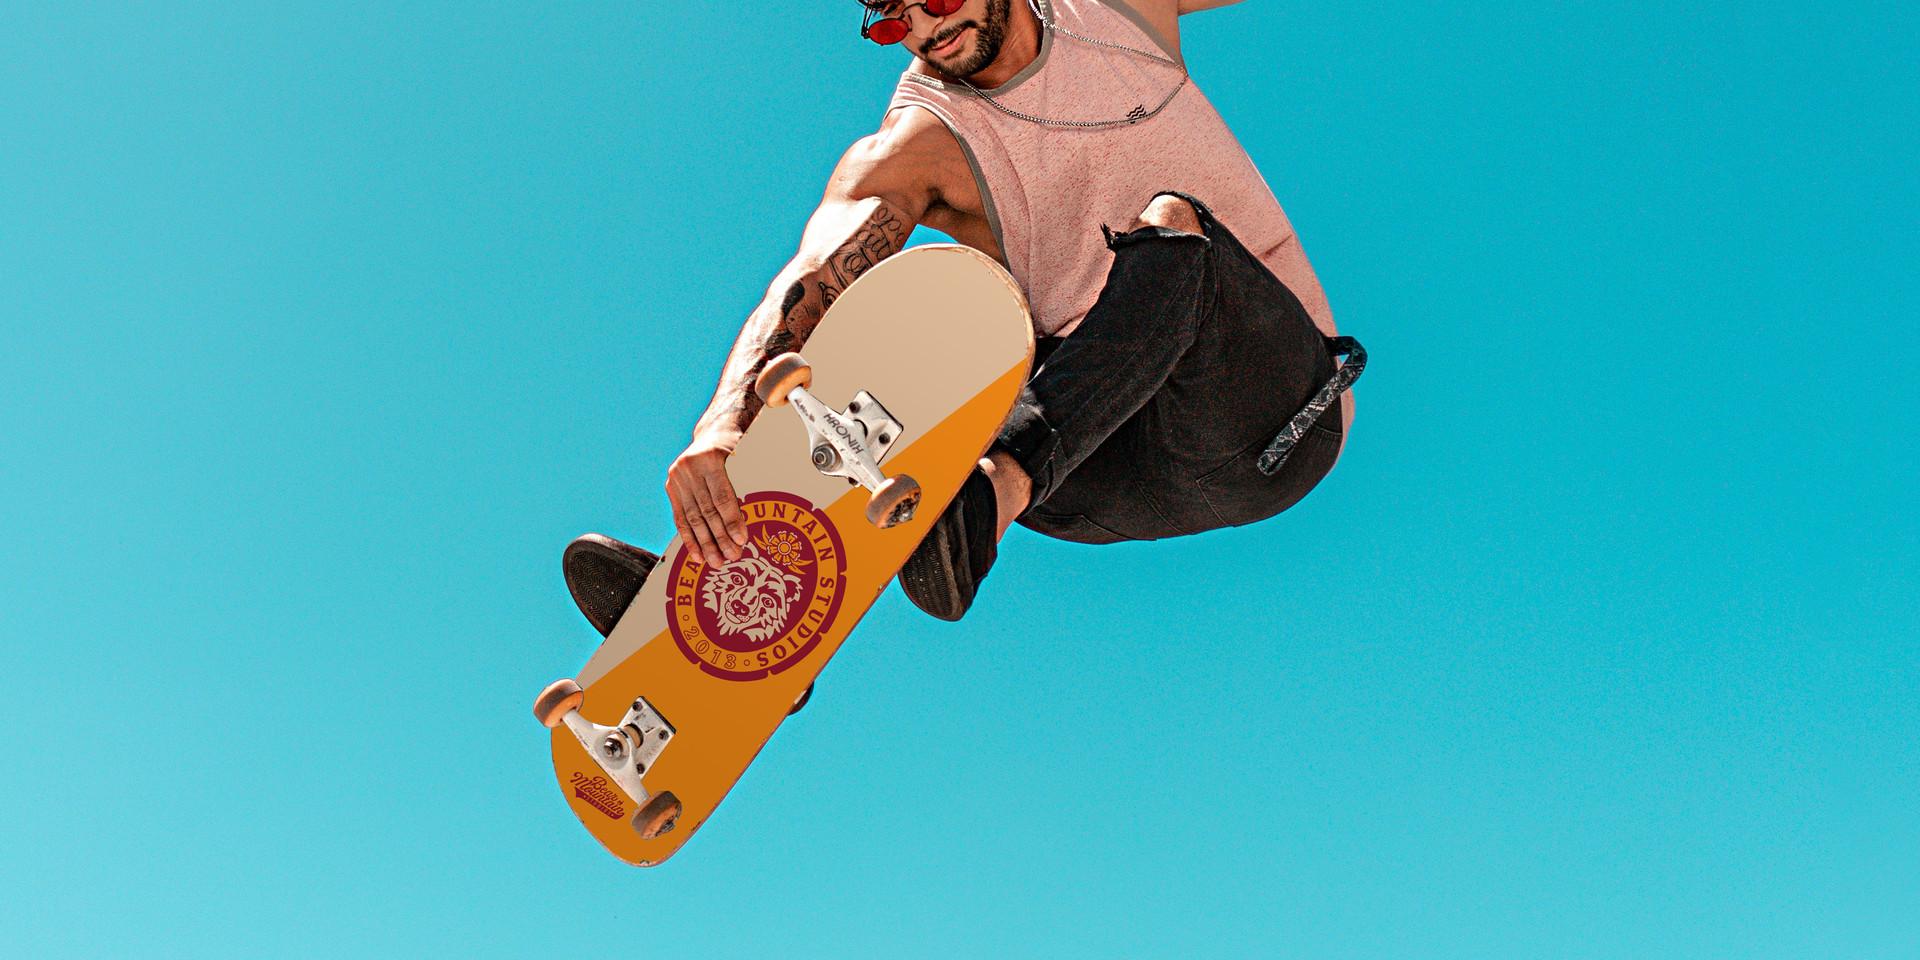 Bear Mountain - Badge - Skateboard.jpg